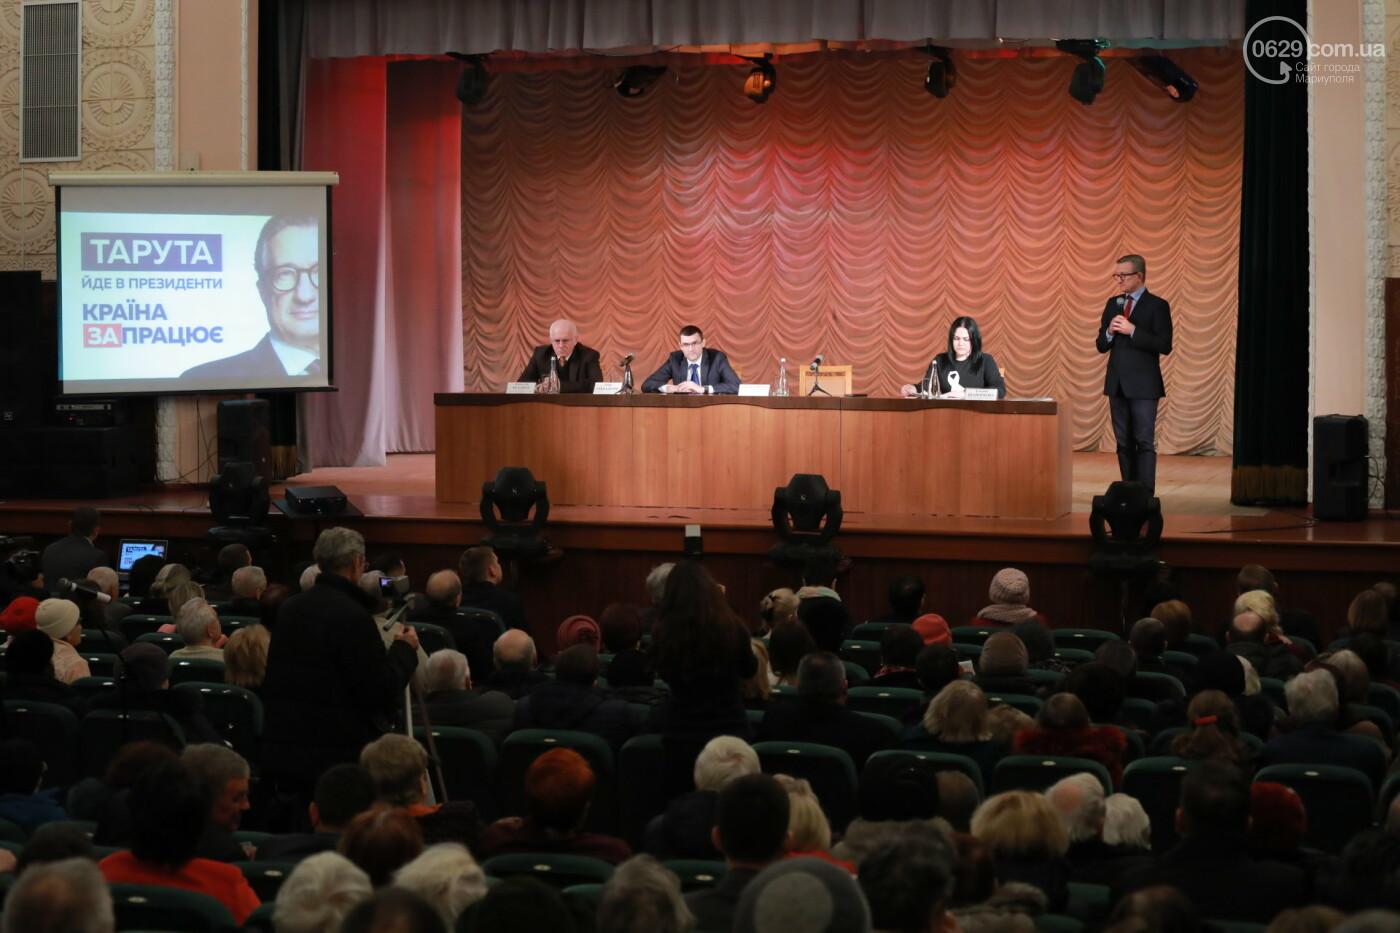 Кандидат в президенты Сергей Тарута начал свою официальную кампанию с визита в Мариуполь , фото-6